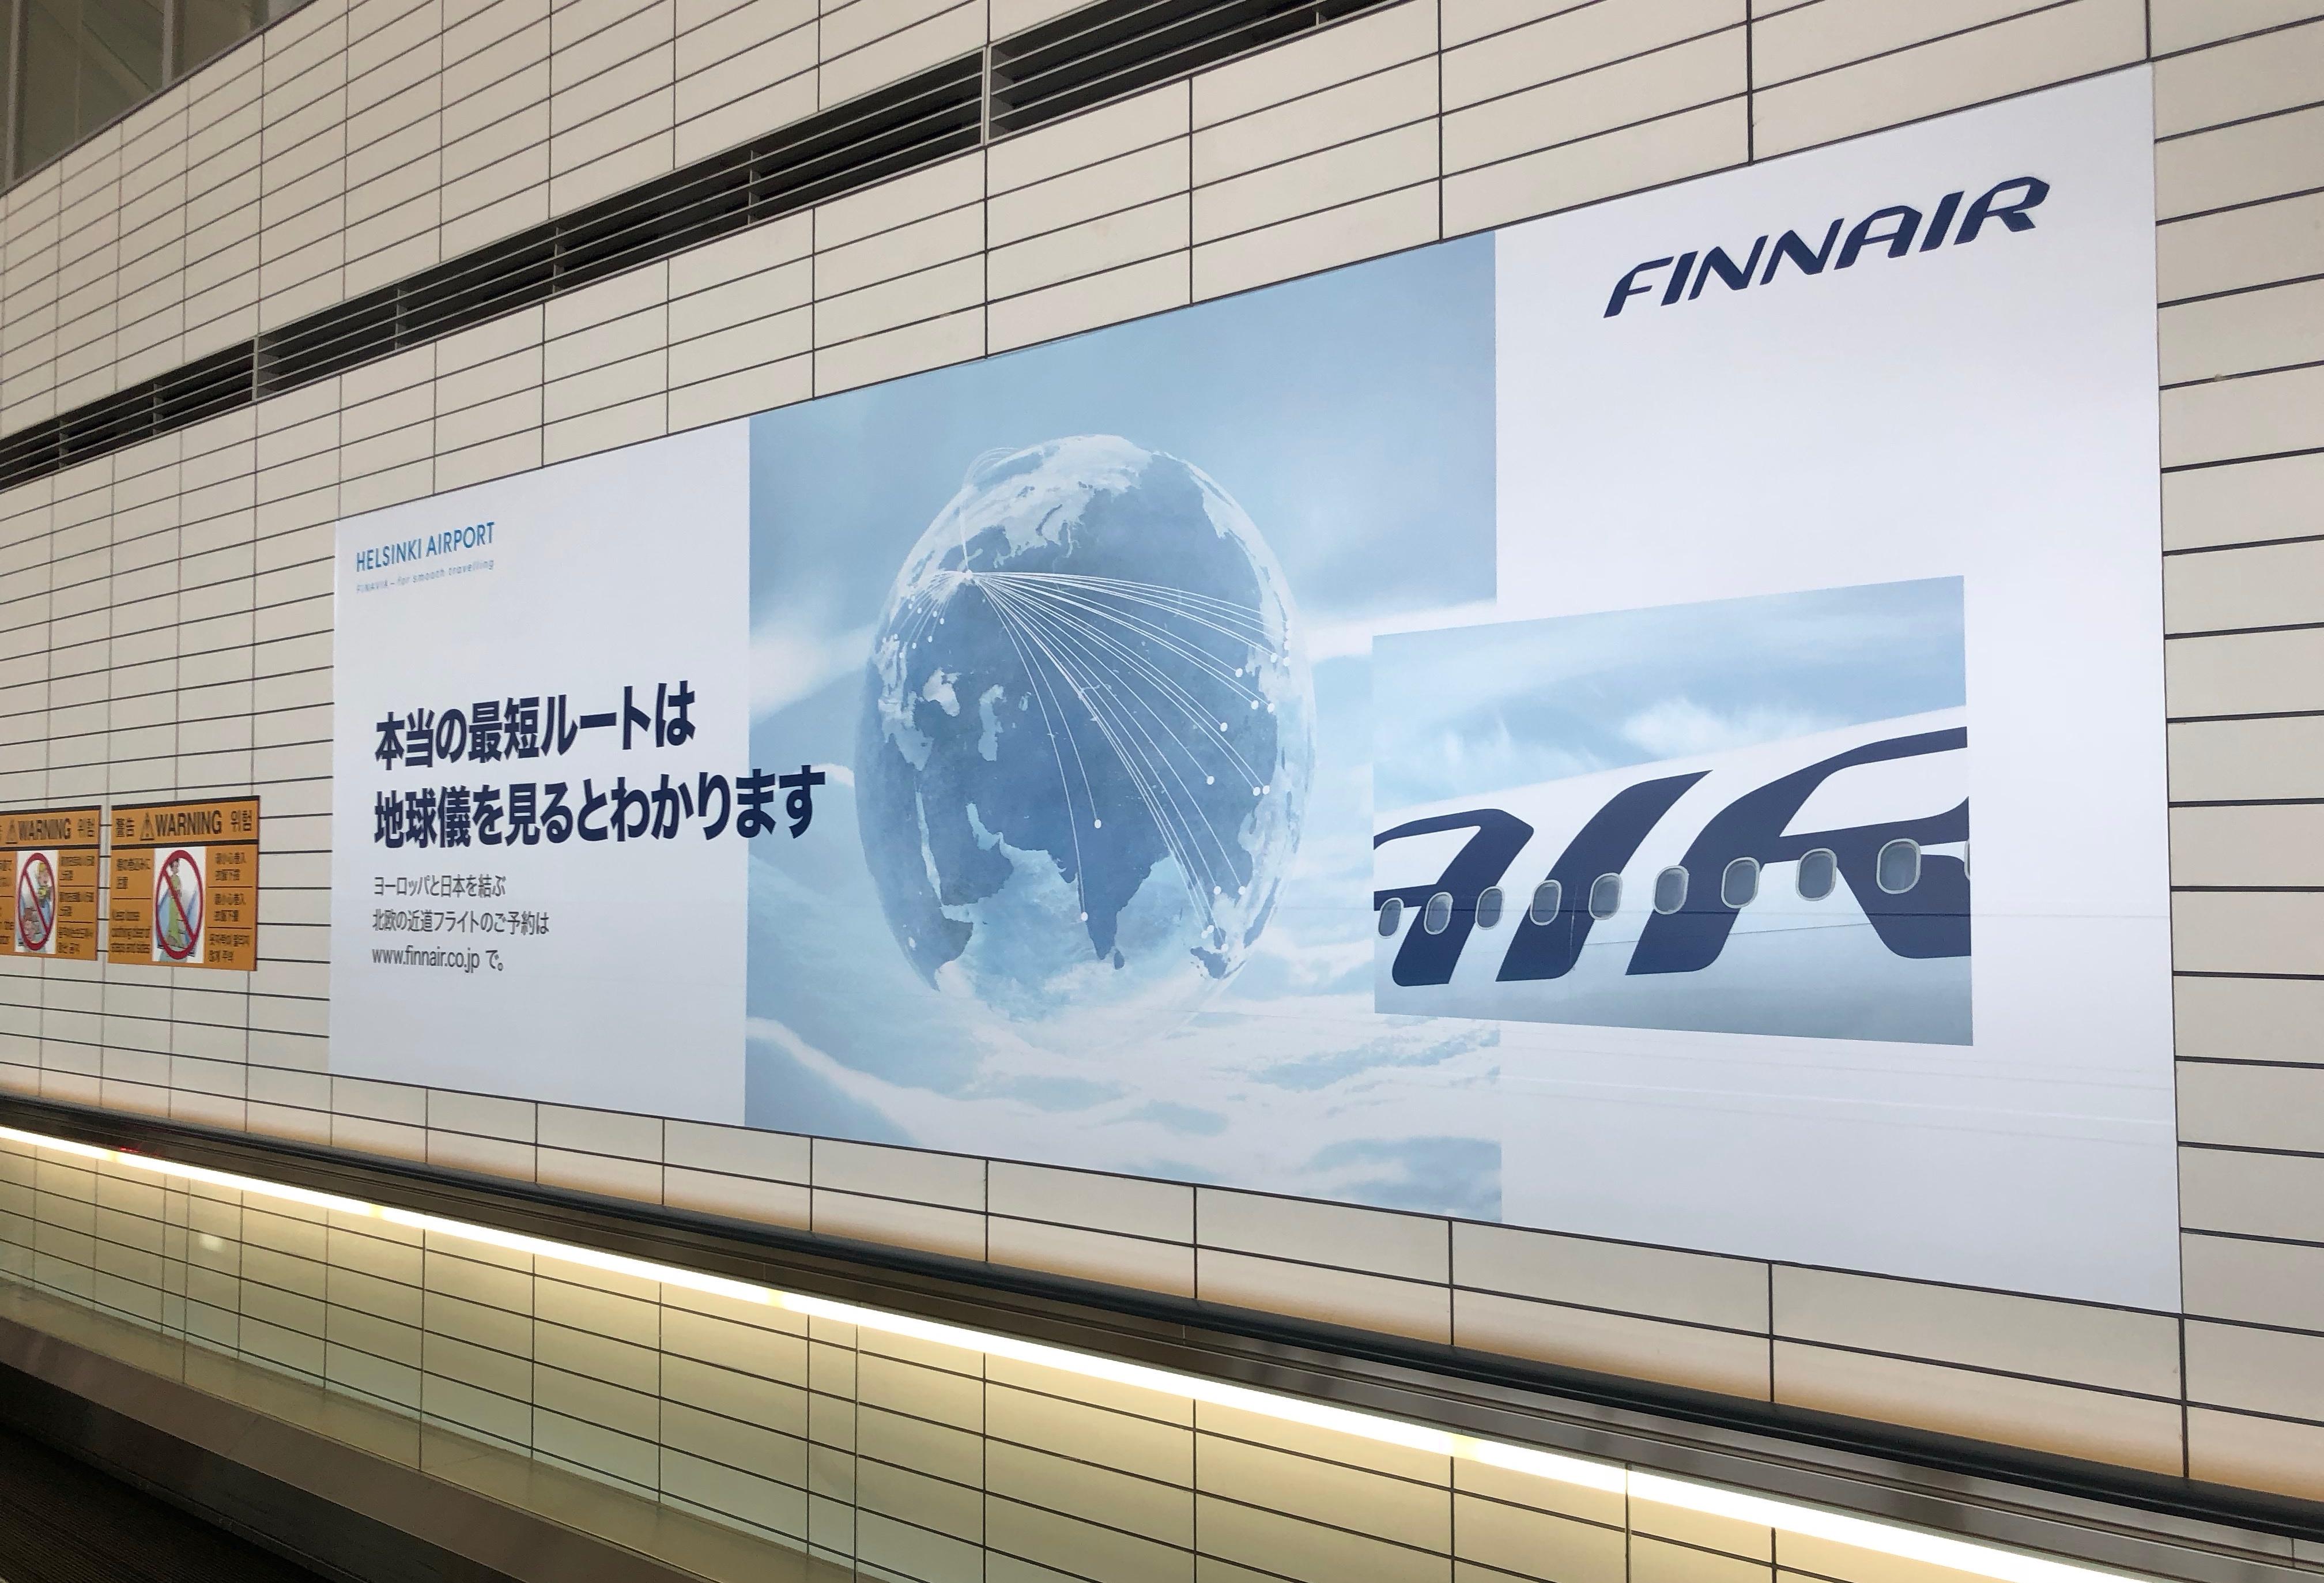 Finnair 2018 11